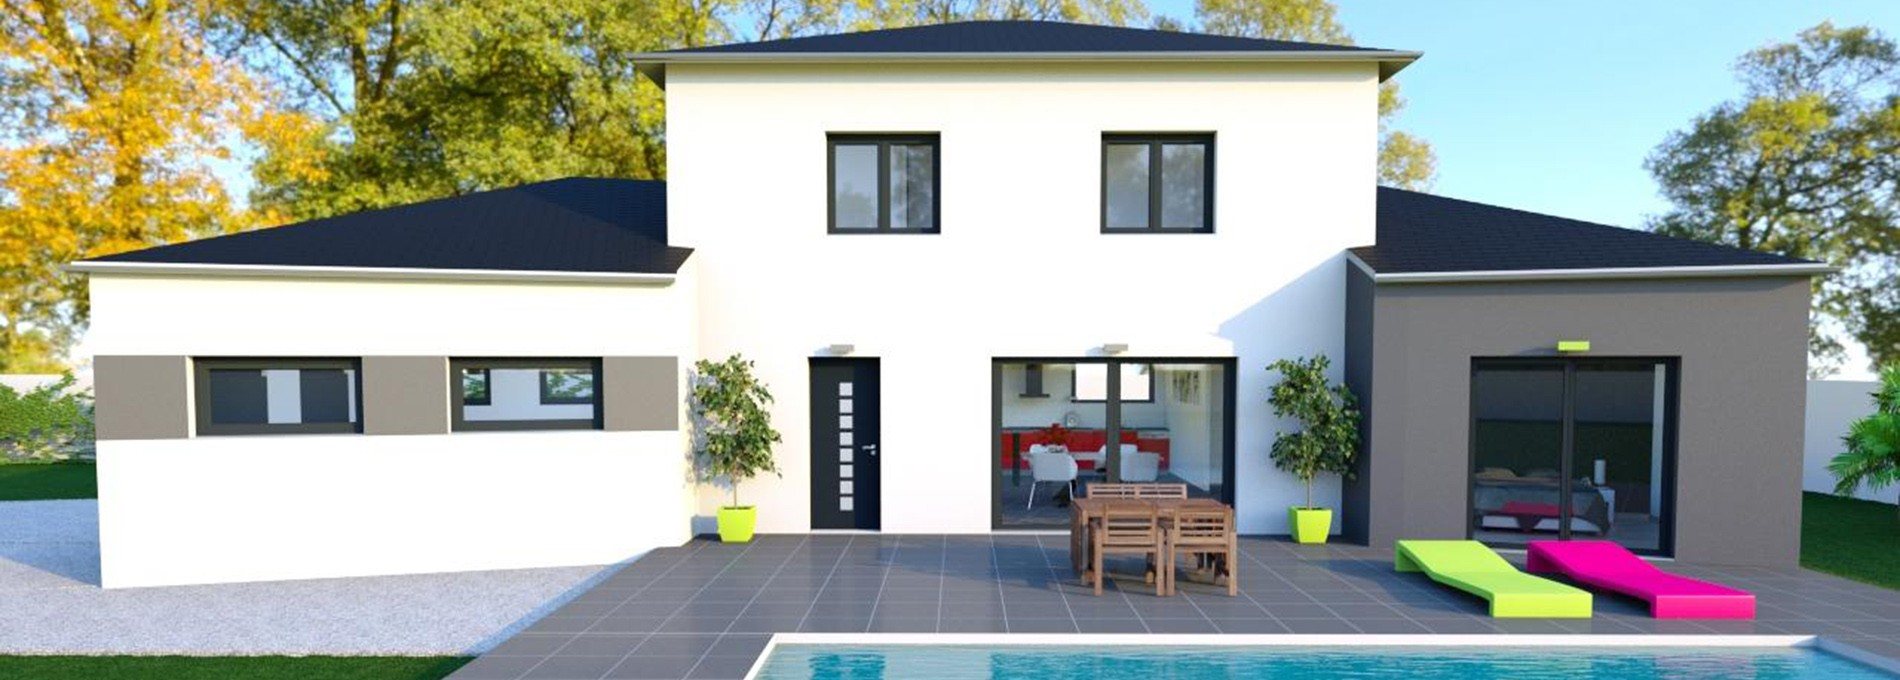 constructeur de maisons individuelles tarbes bigorre villas conception. Black Bedroom Furniture Sets. Home Design Ideas